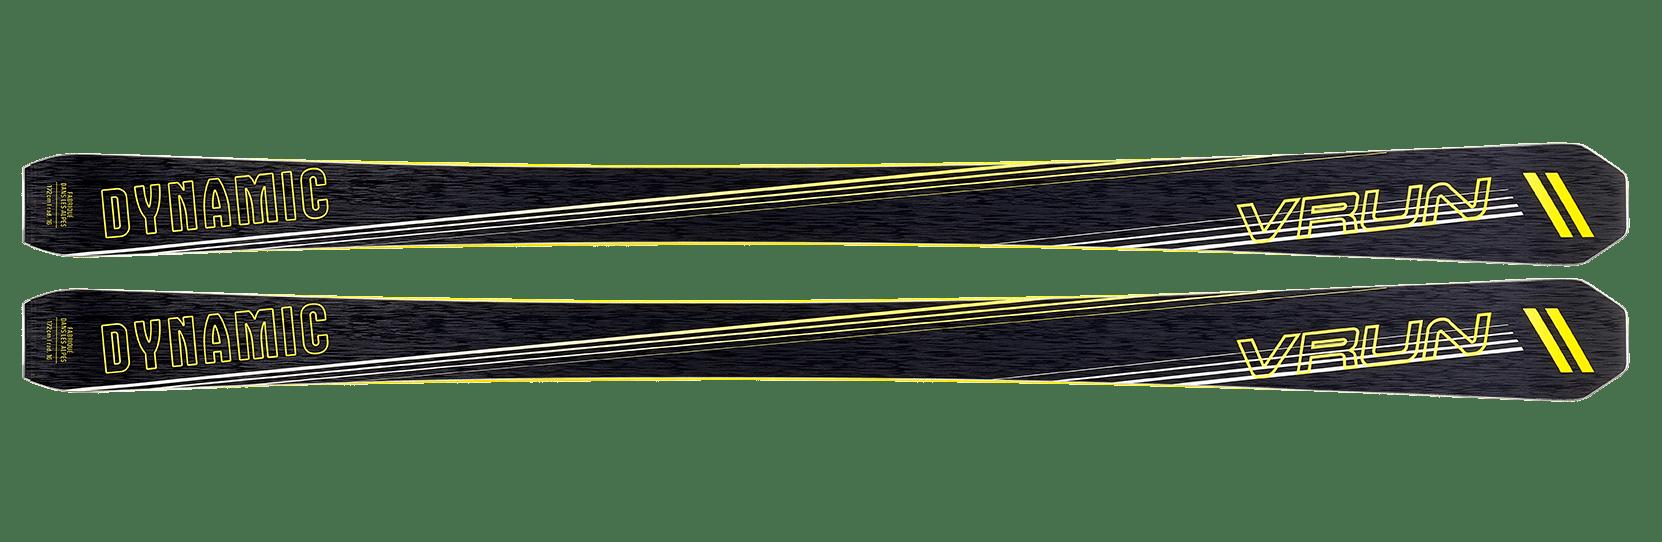 Skis VRUN dynamic